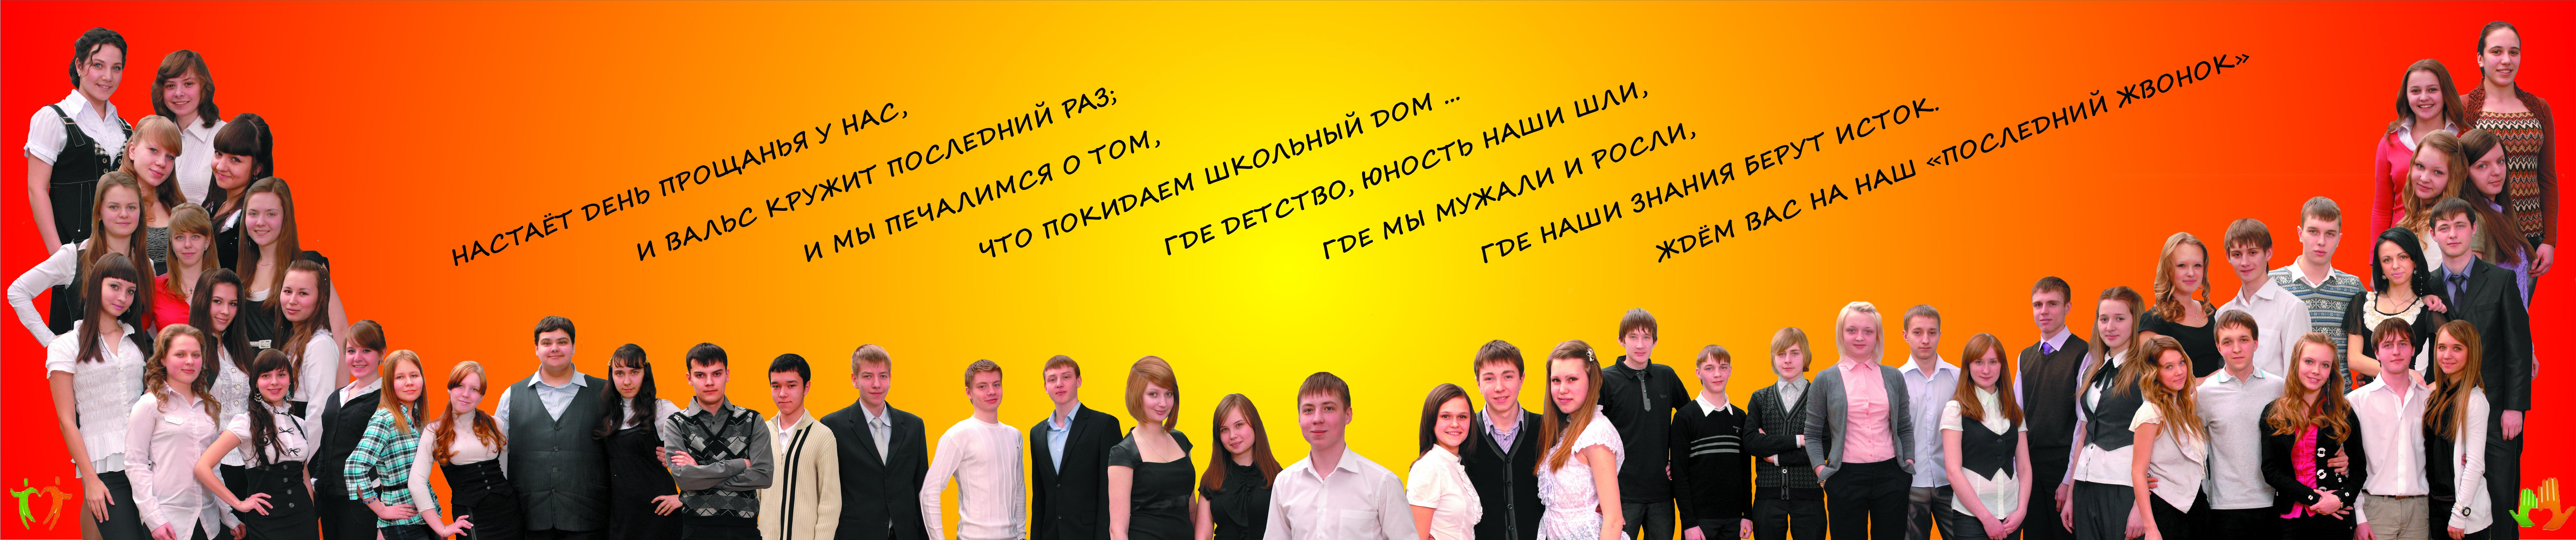 Izobrazhenie_v_banner_uchitelskaya3_-_kopia.jpg